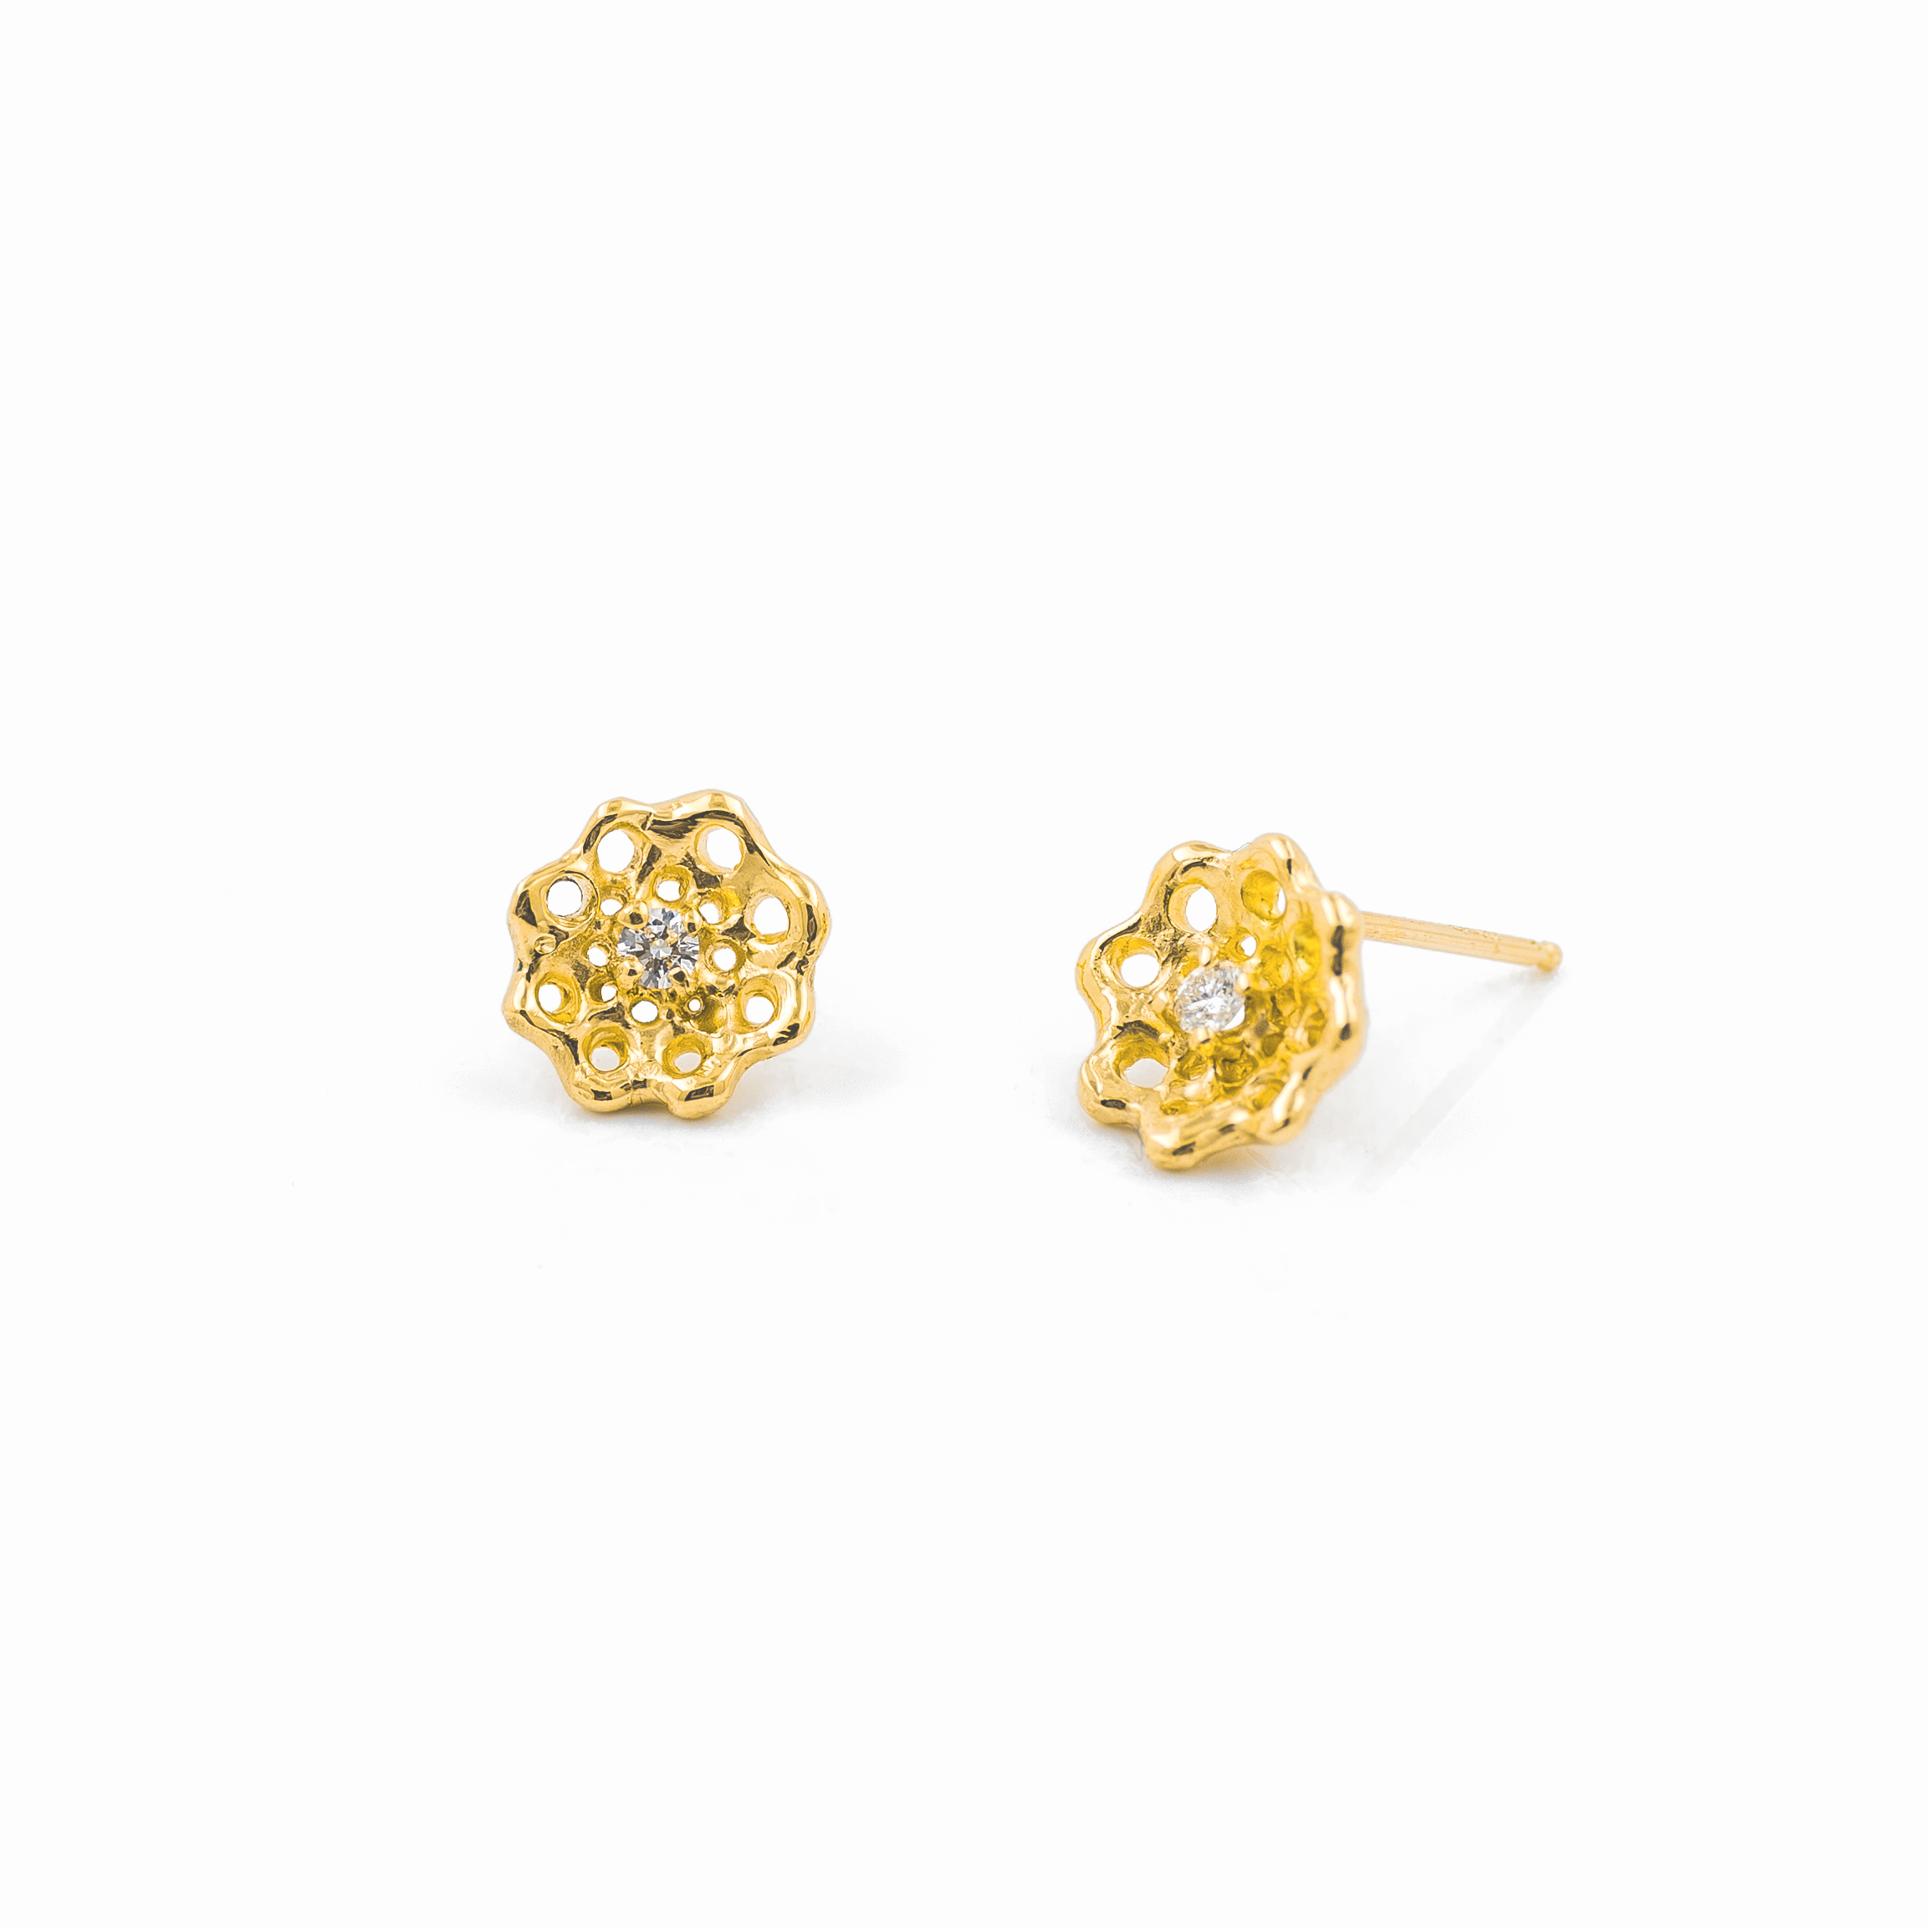 18ct yellow gold, white diamonds.